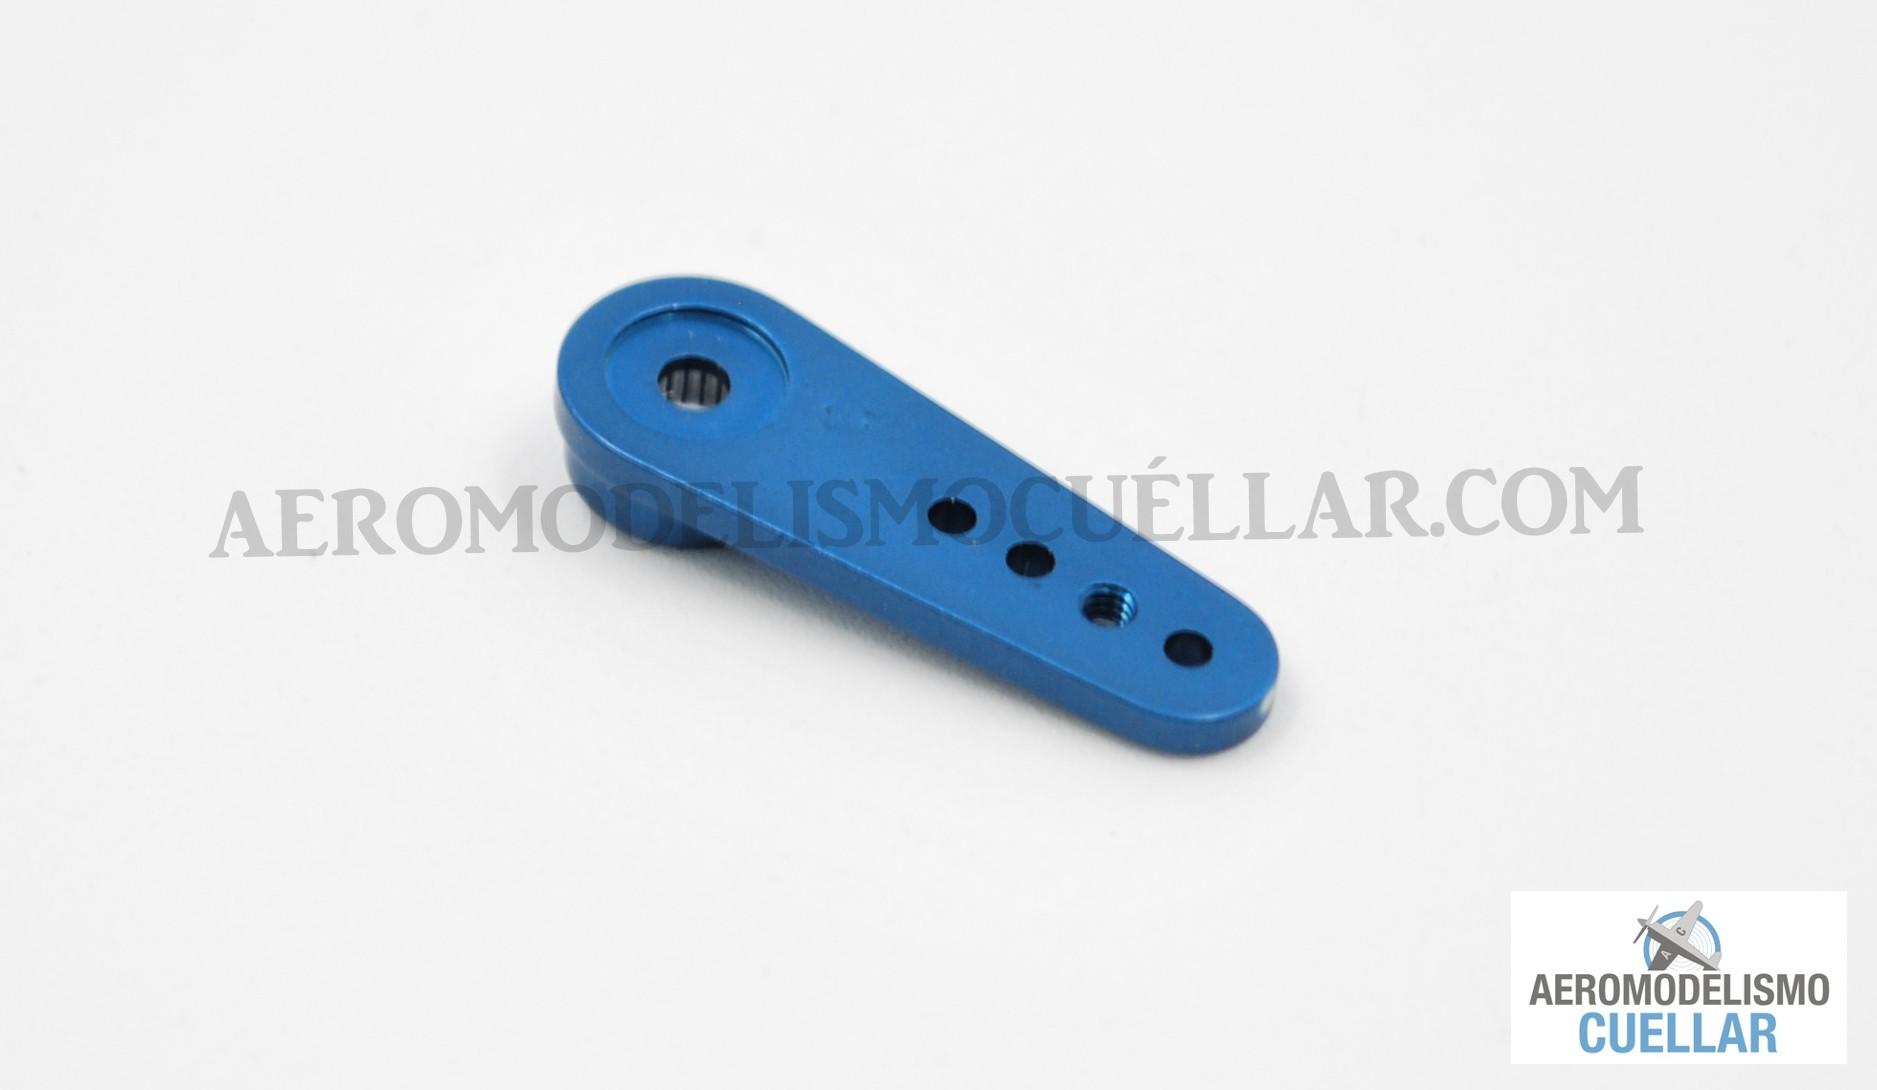 Azul Basage 25T Aluminio RC Servo Cuerno del Brazo para Savox Xcore HL HSP HDHerramientas RC de Potencia